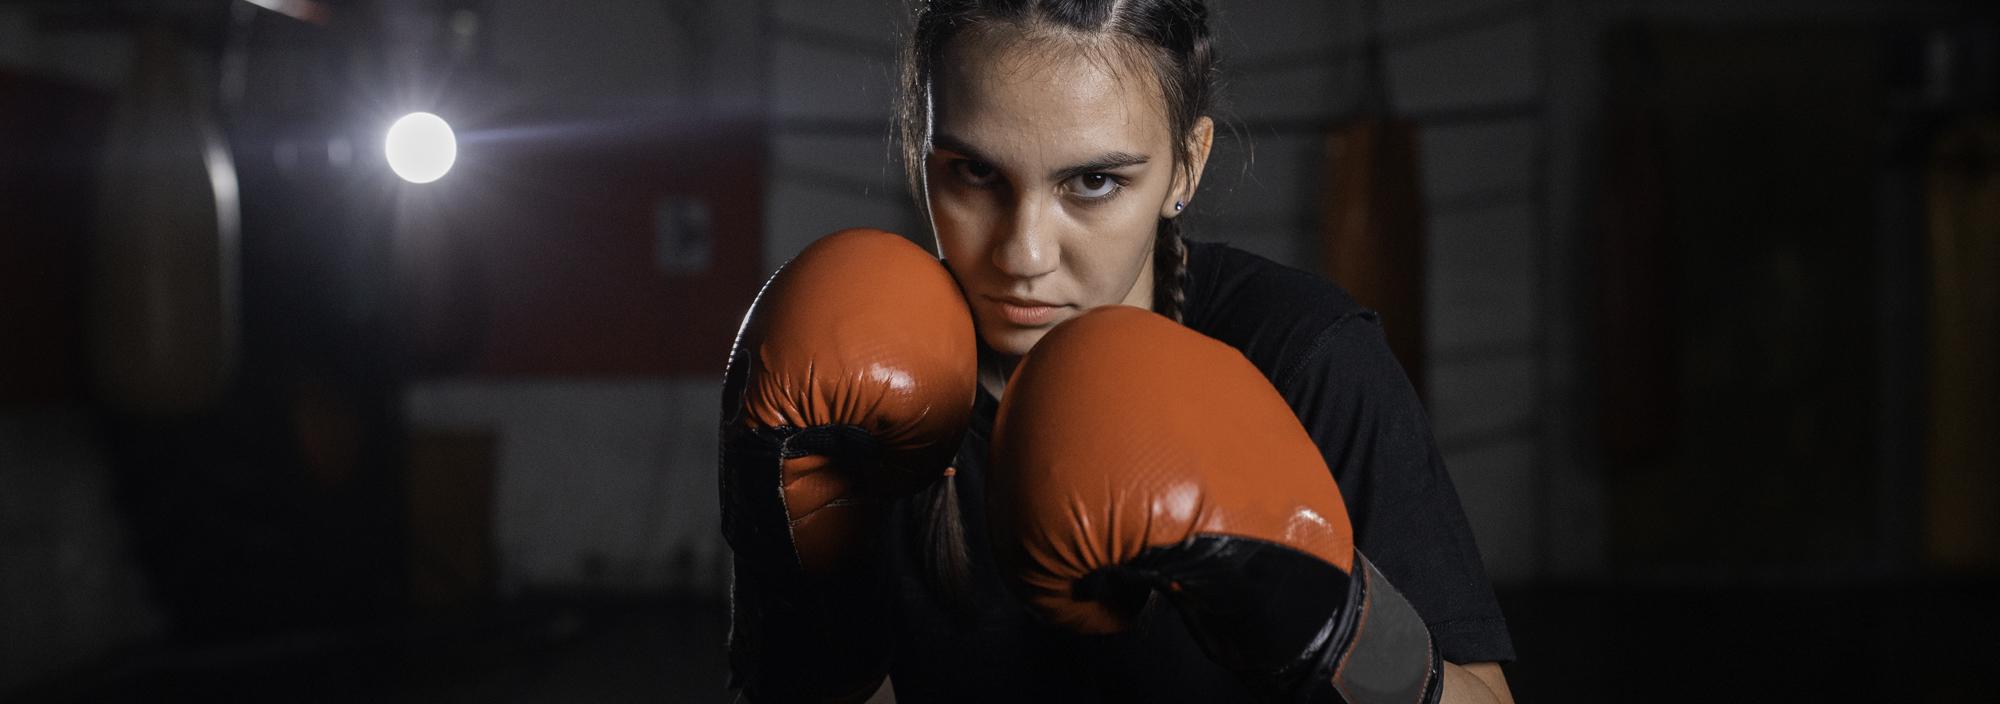 Jugend Mädchen Kickboxen